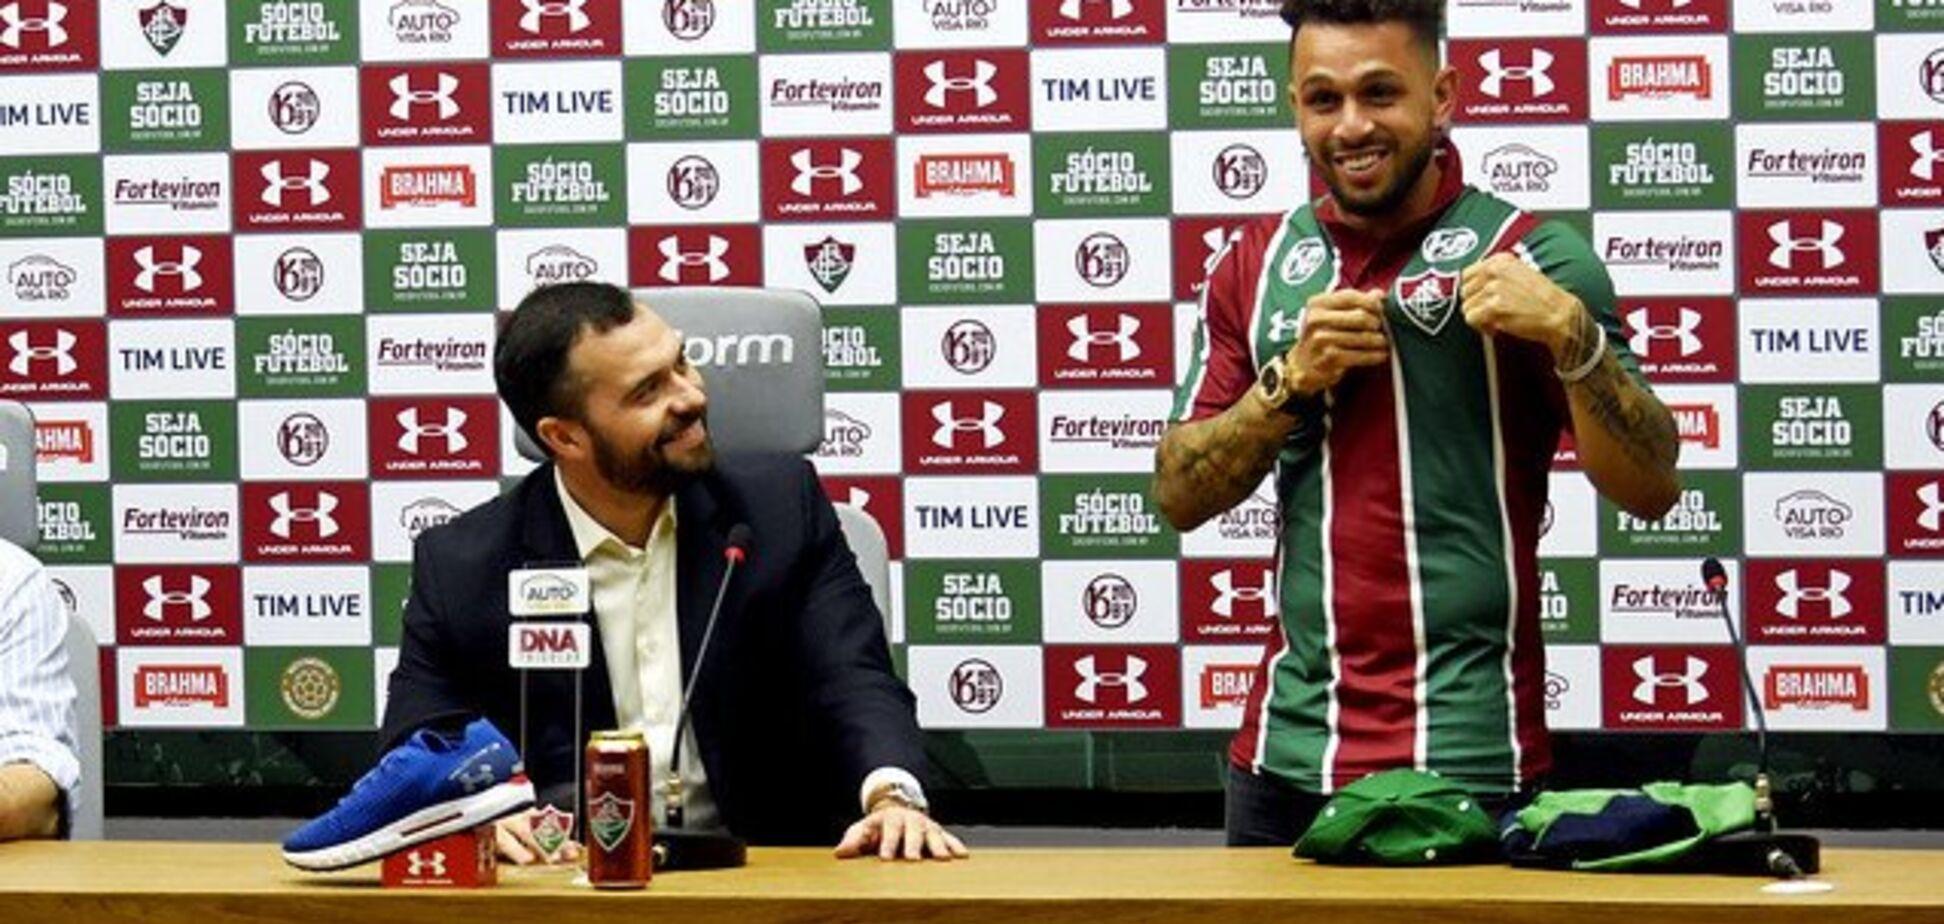 'Был огорчен': бразилец 'Шахтера' сделал скандальное заявление